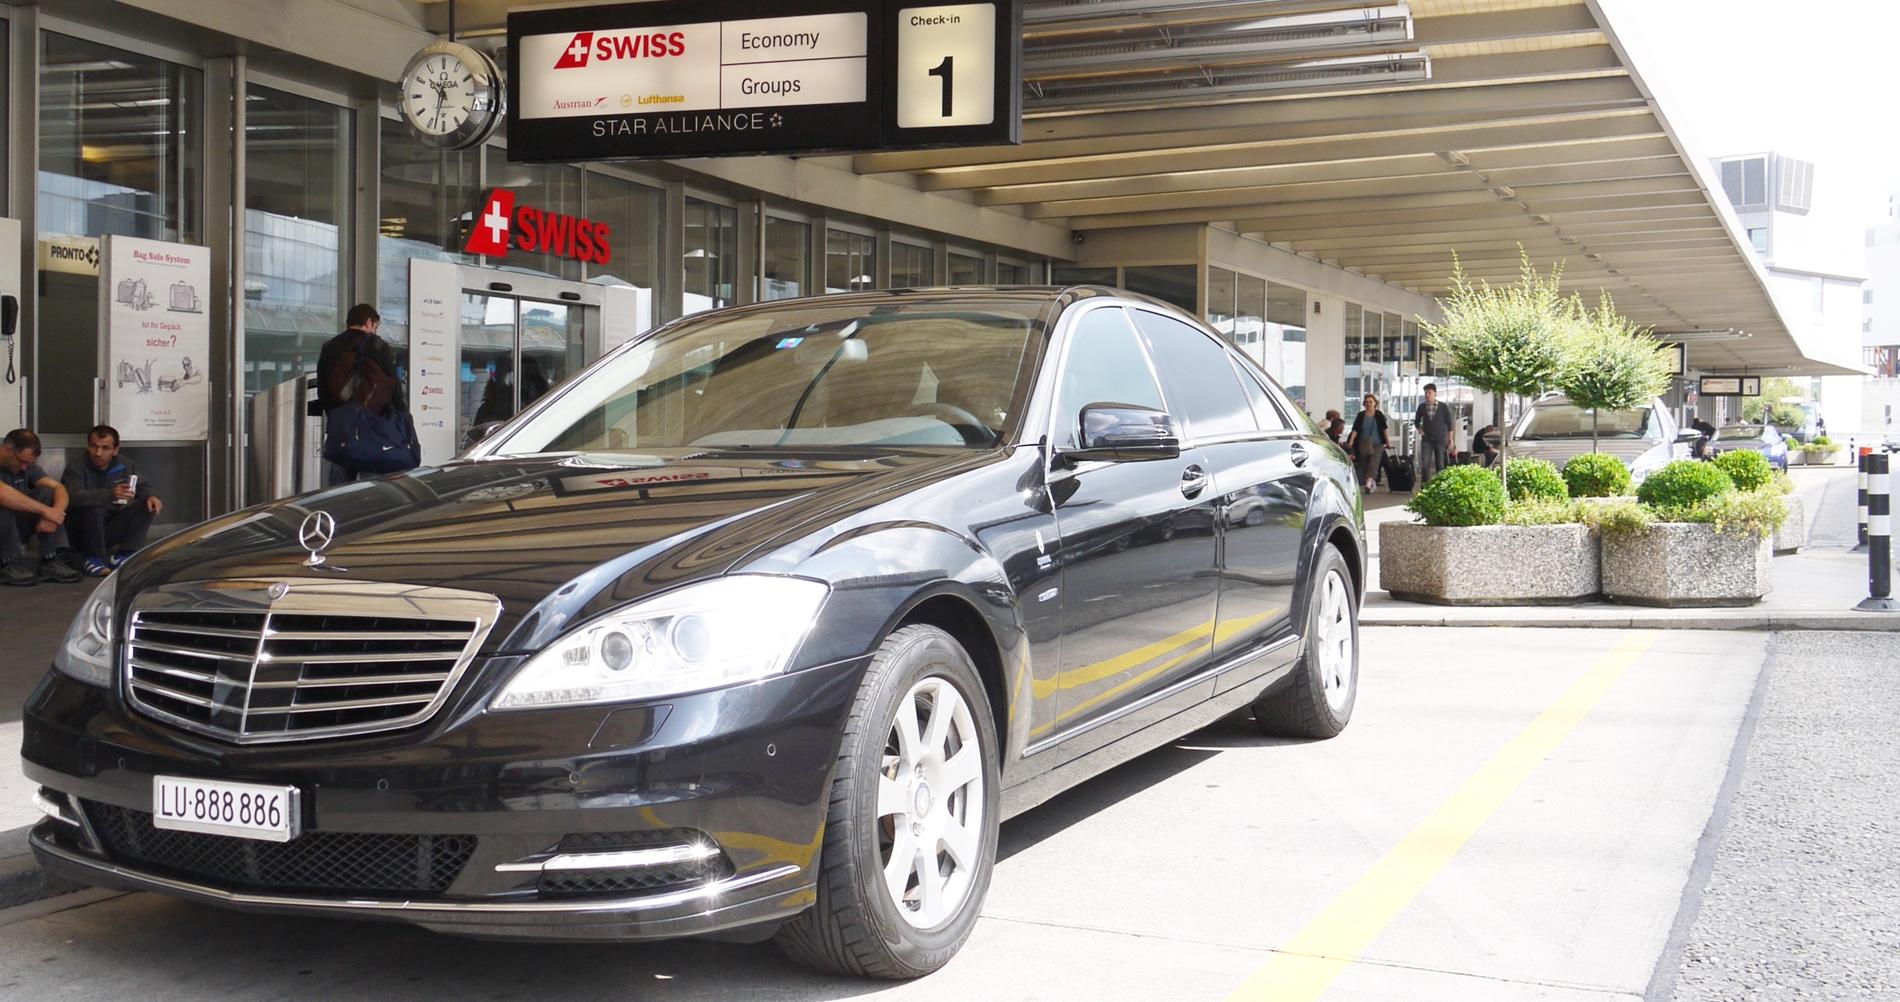 Gäste vom Flughafen abholen